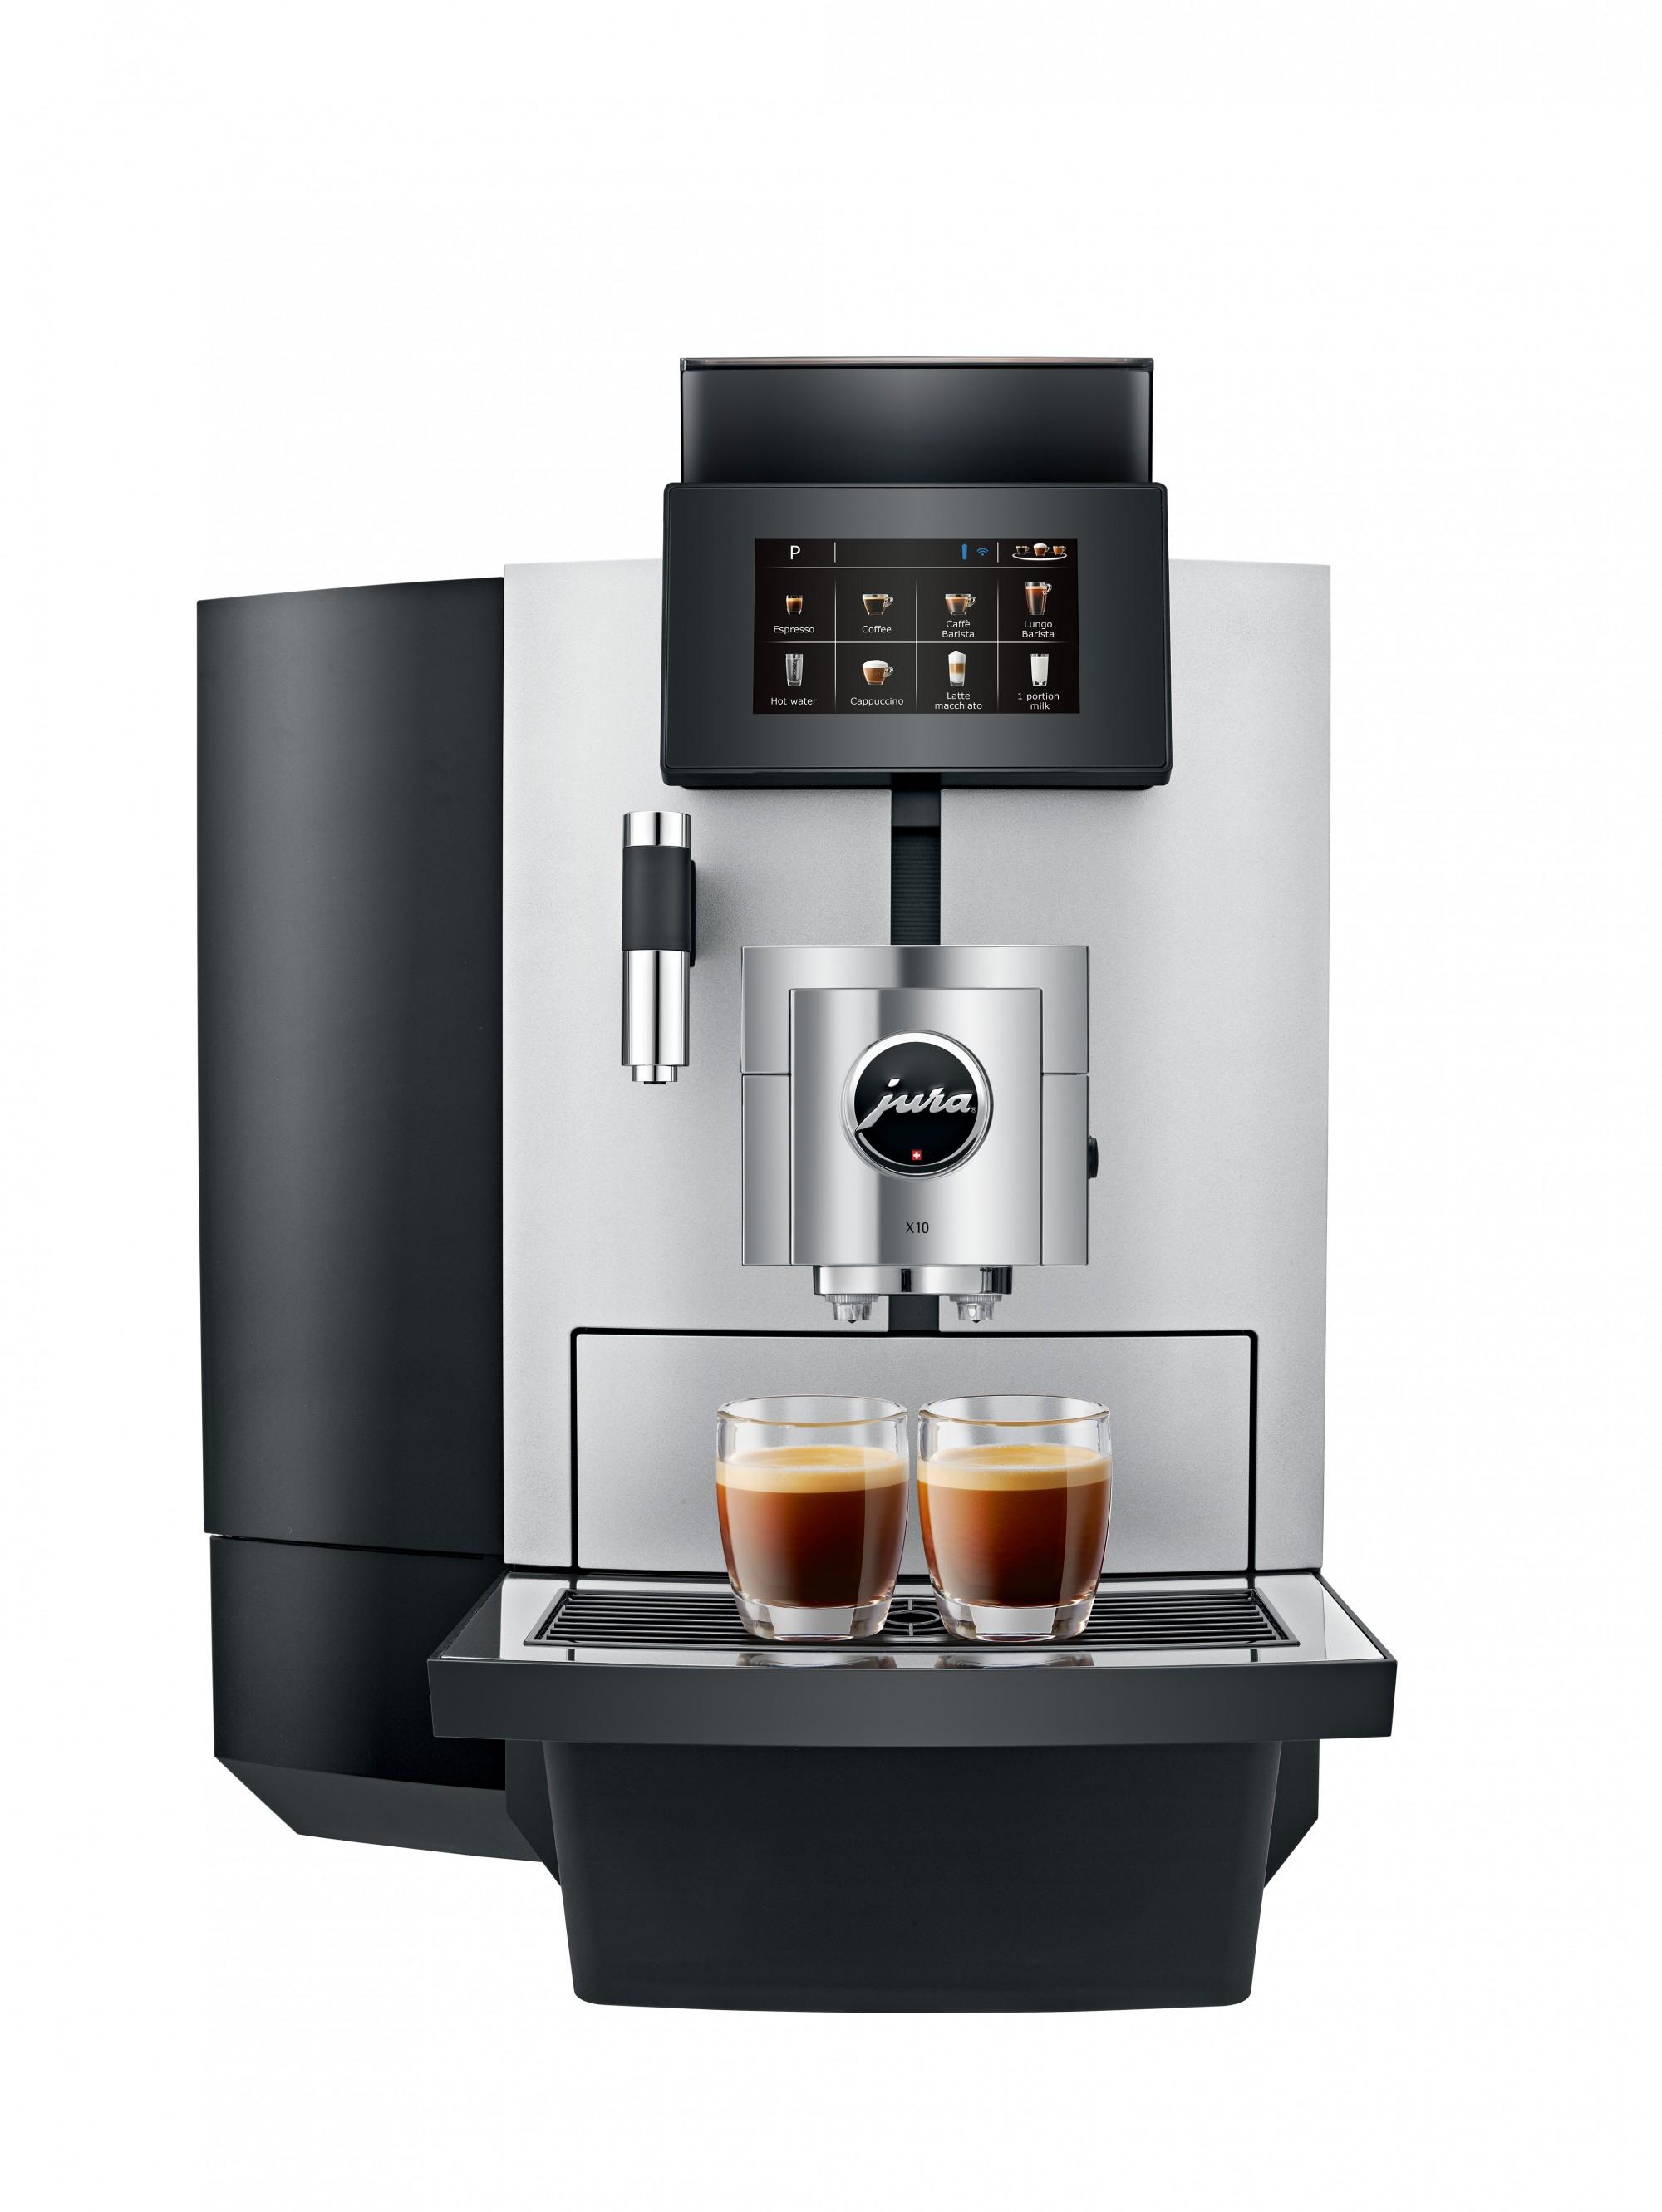 Zakelijke koffiemachine met touchscreen